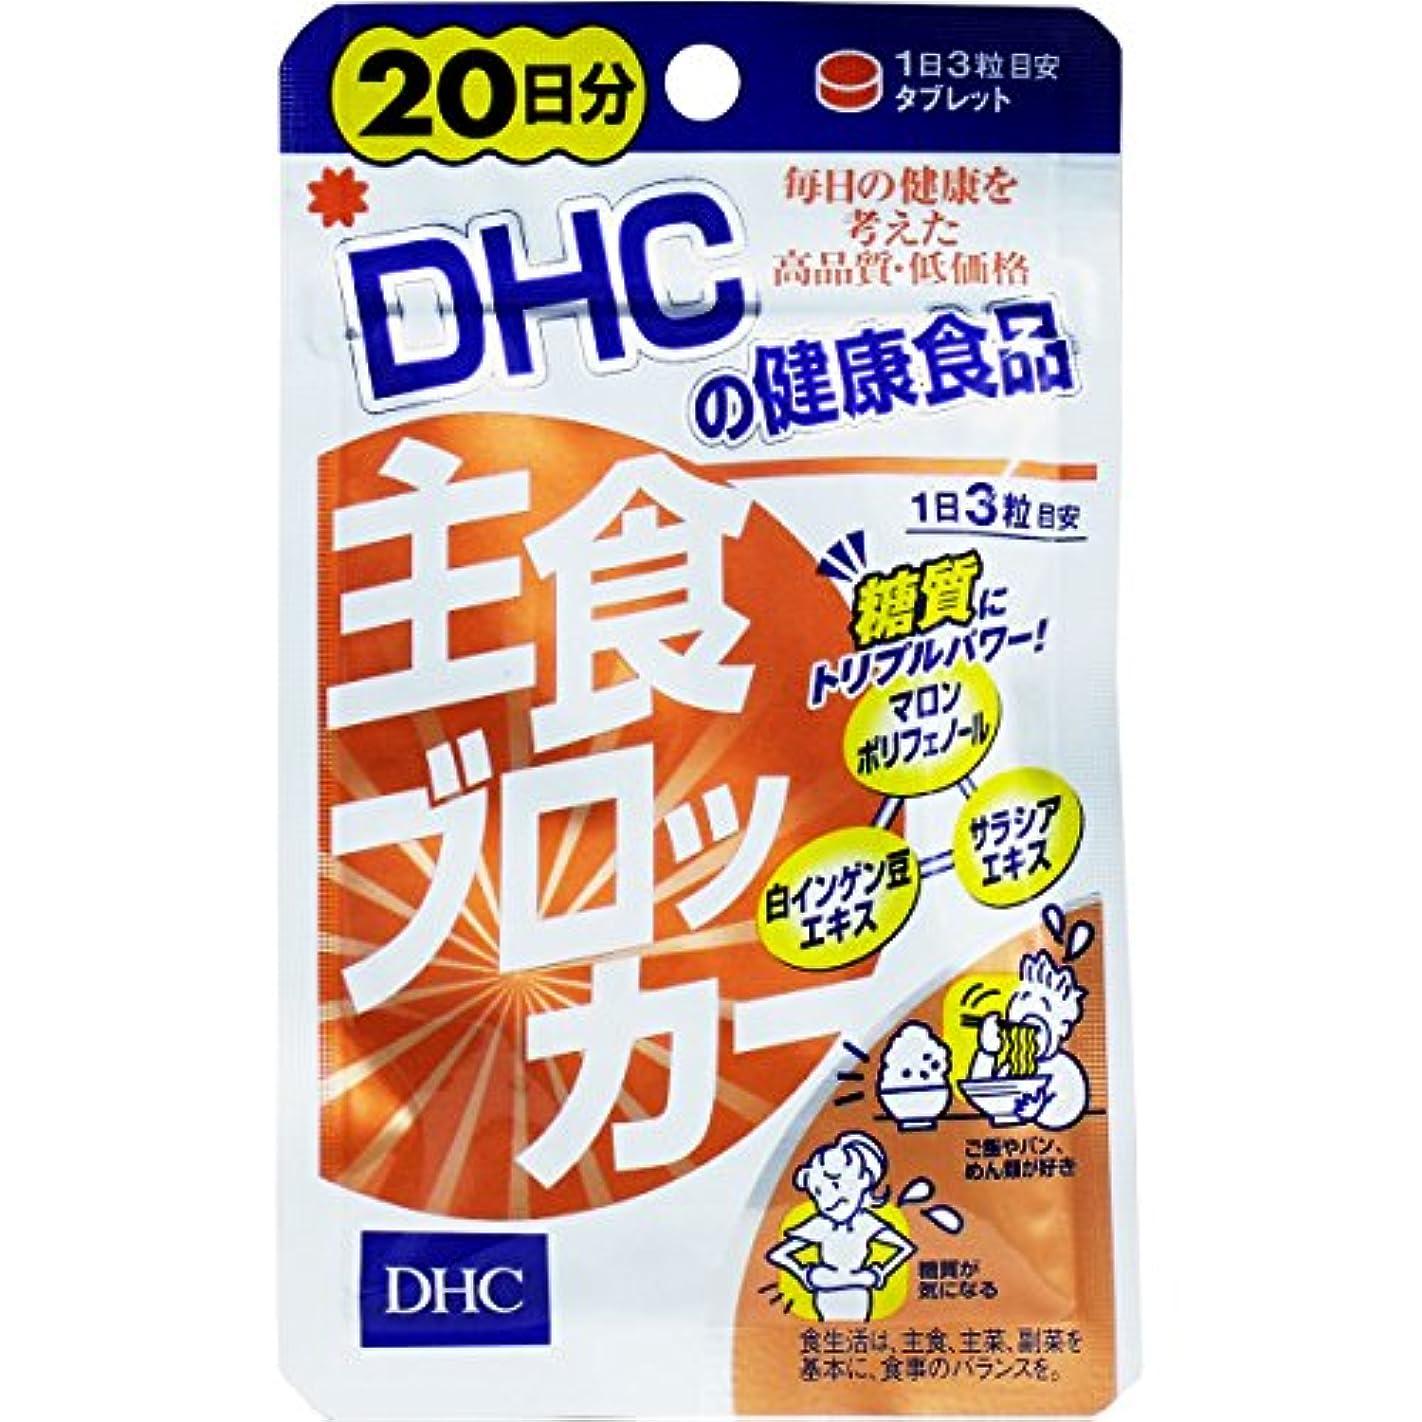 ダイエット トリプルパワーでため込み対策 栄養機能食品 DHC 主食ブロッカー 20日分 60粒入【2個セット】